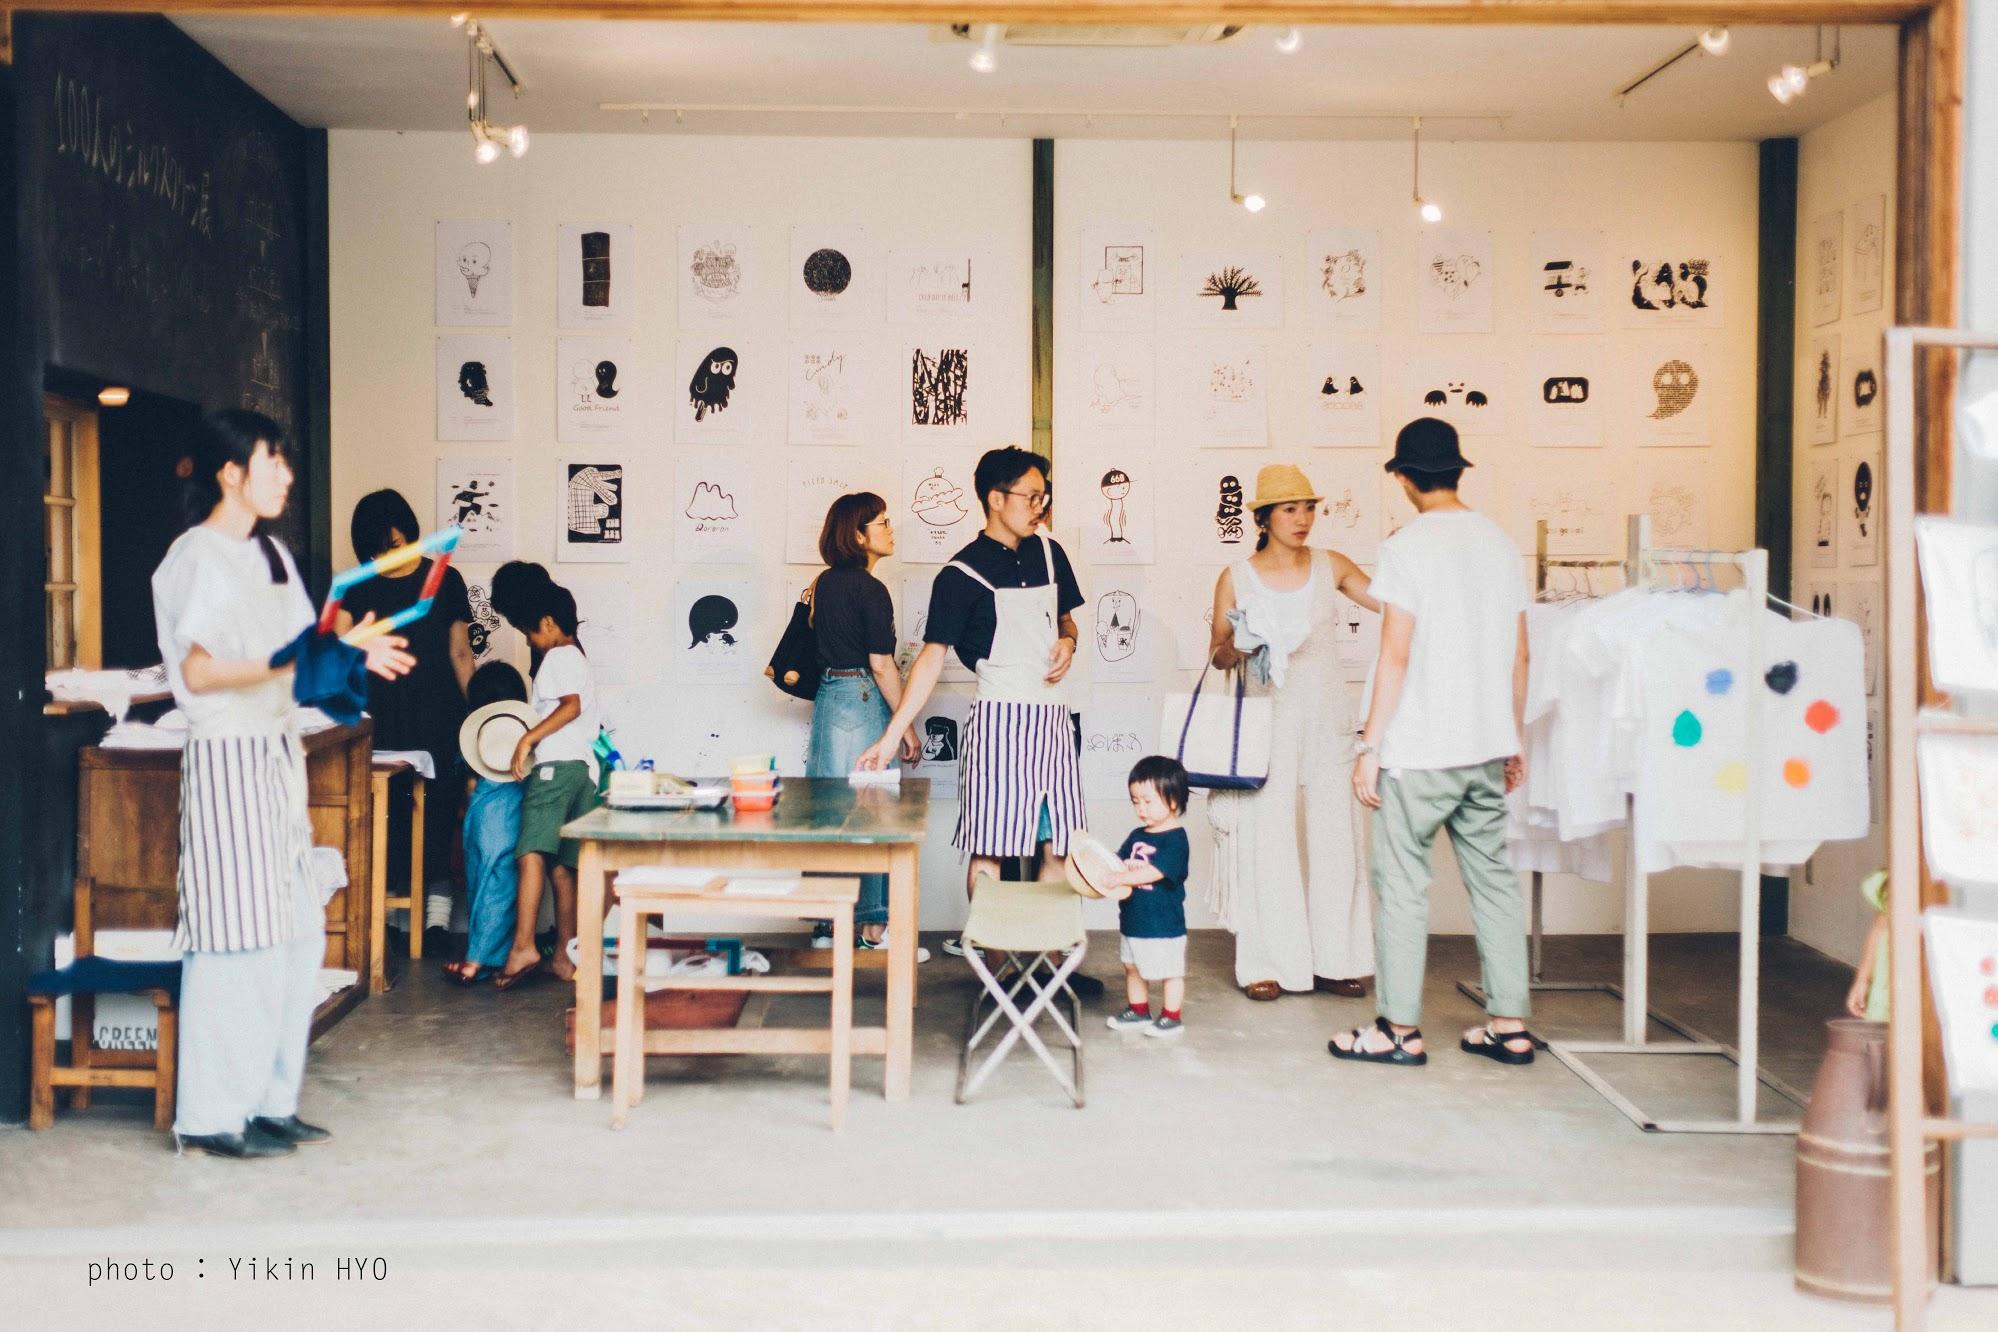 タナビケと100人のシルクスクリーン展に今年も出店しています。